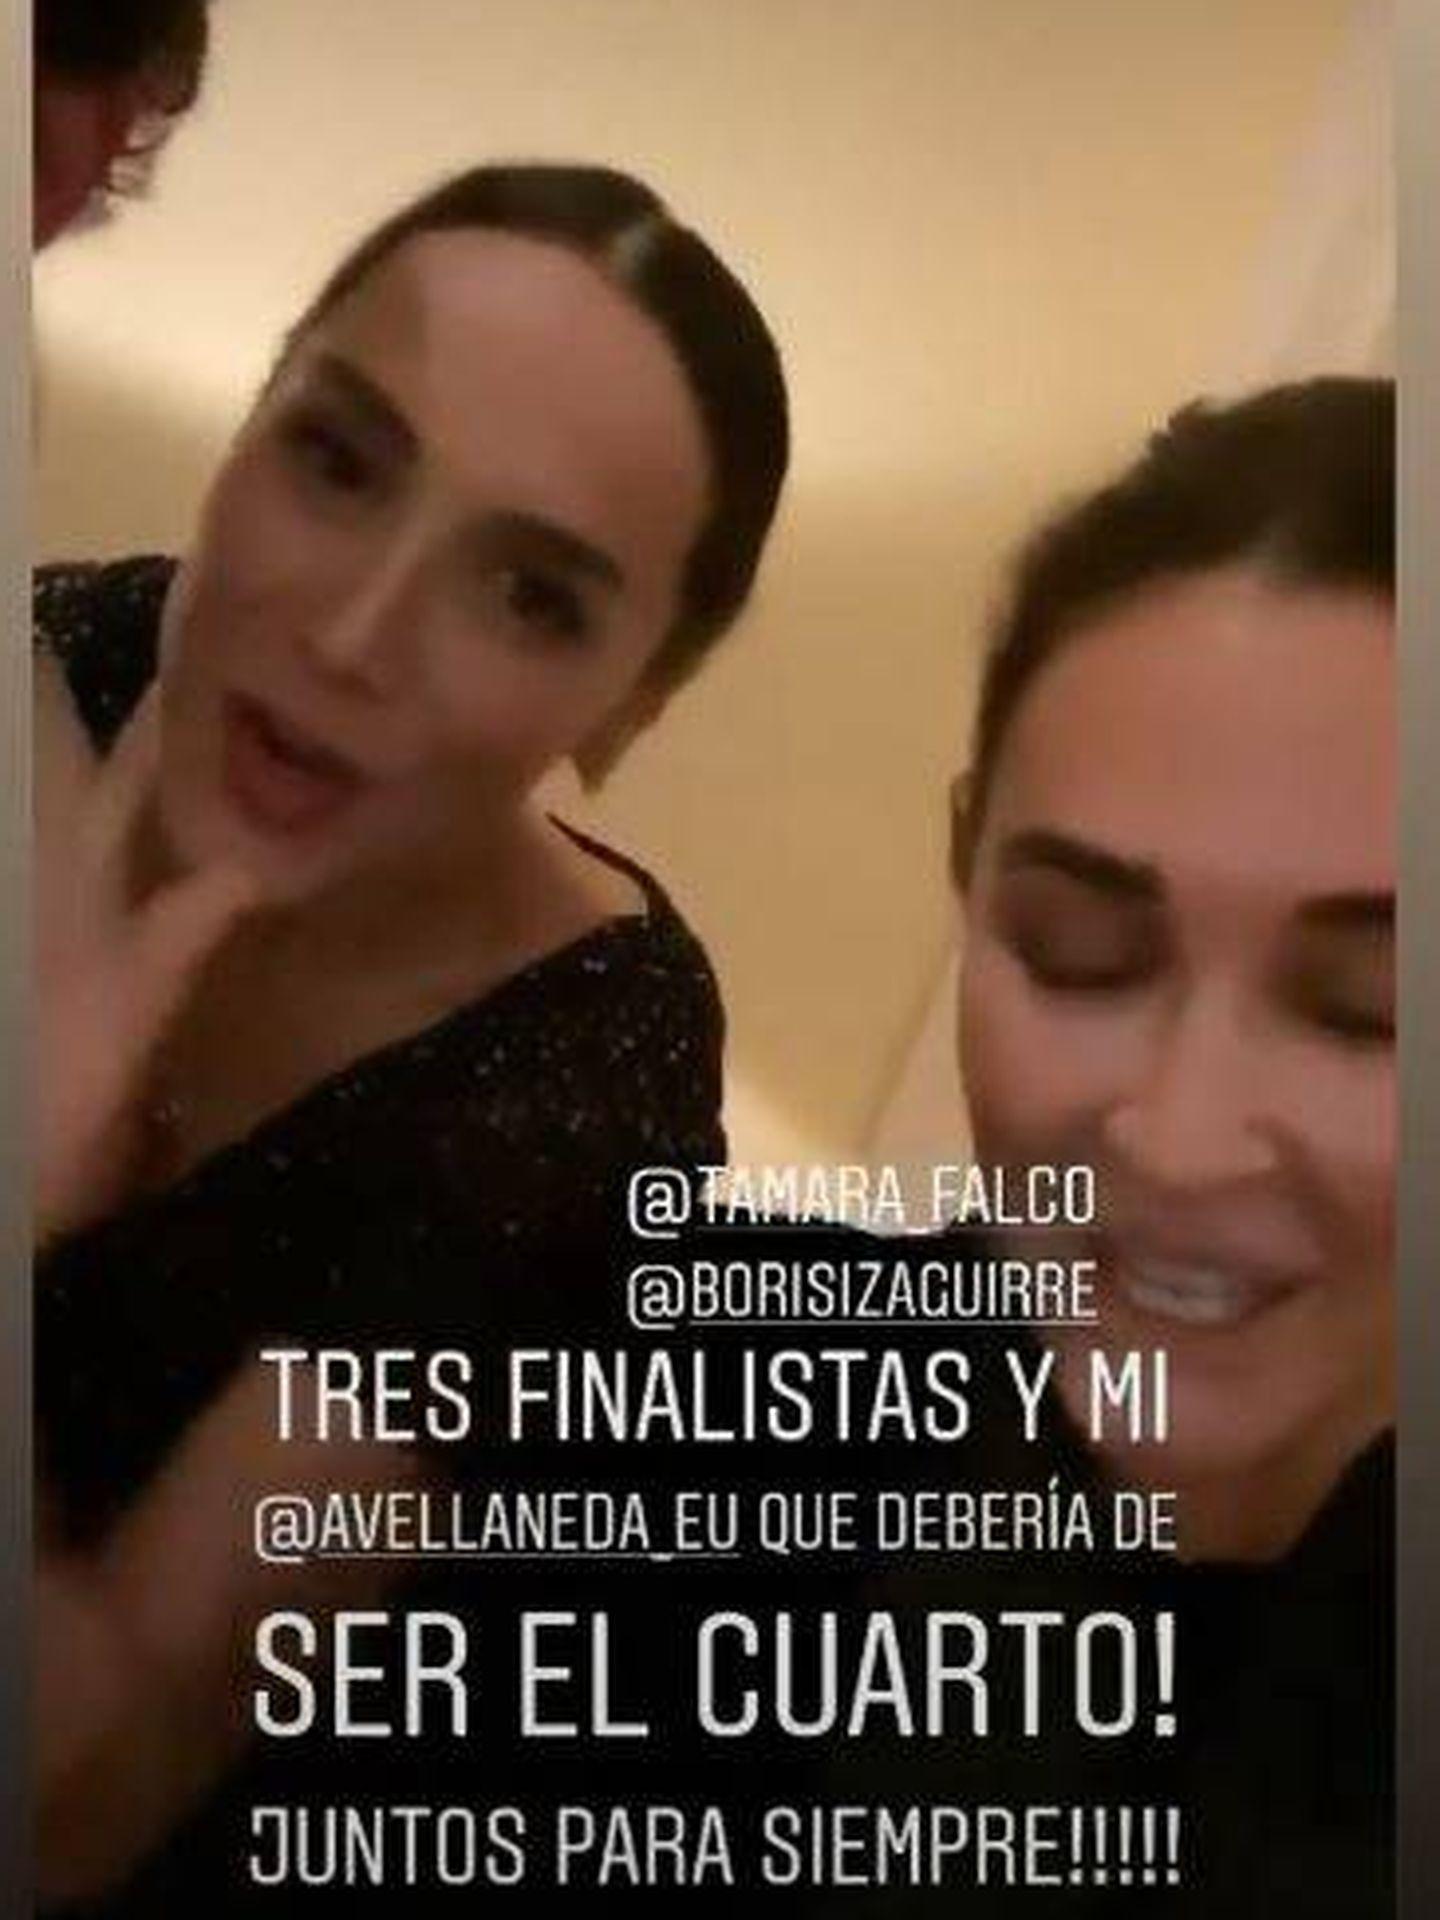 Tamara en Instagram.